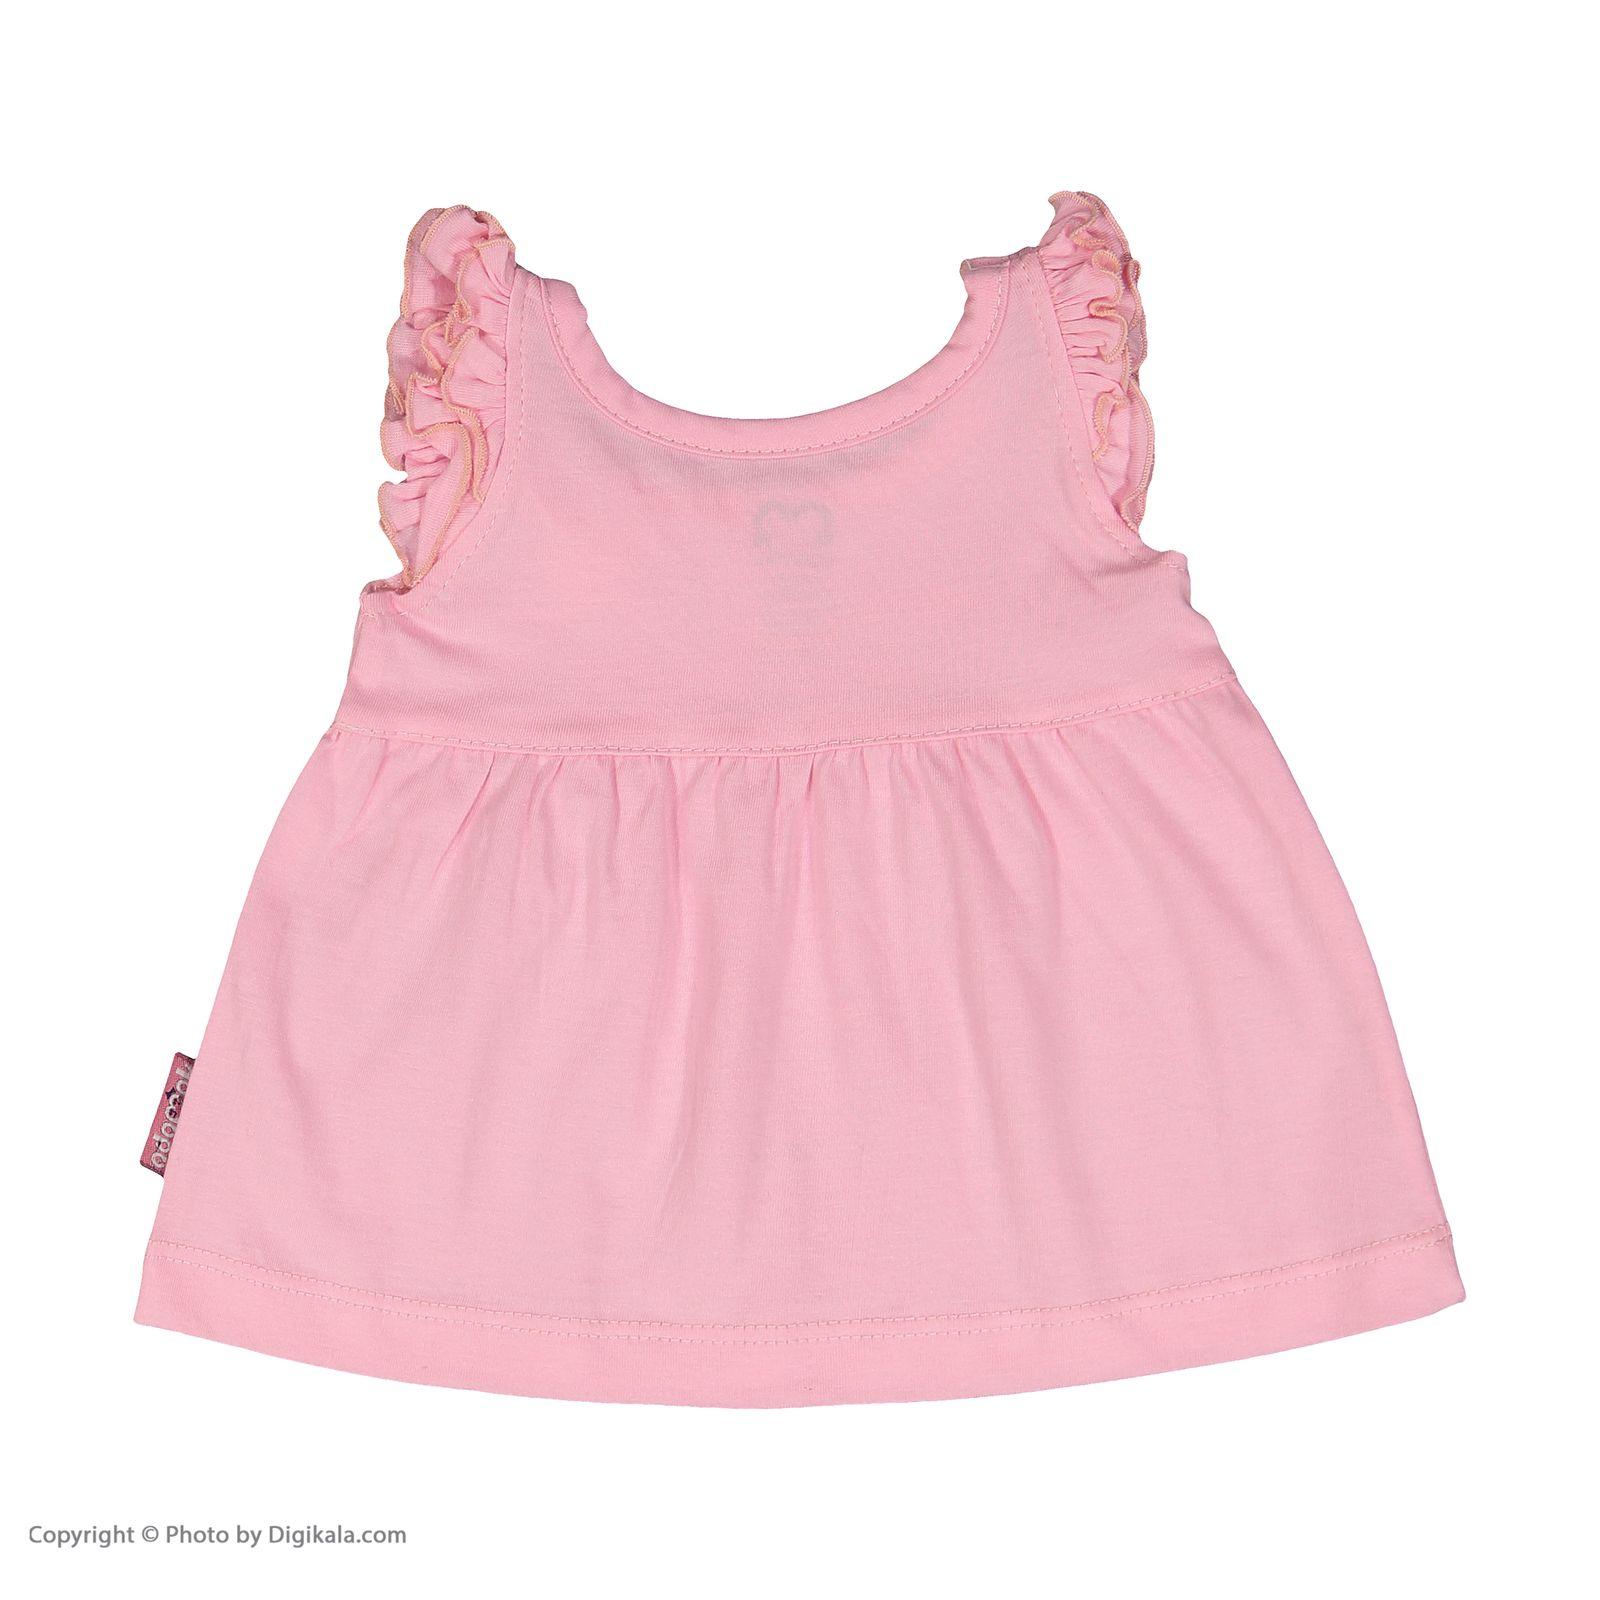 ست پیراهن و شورت نوزادی دخترانه مدل 2171111-84 -  - 5